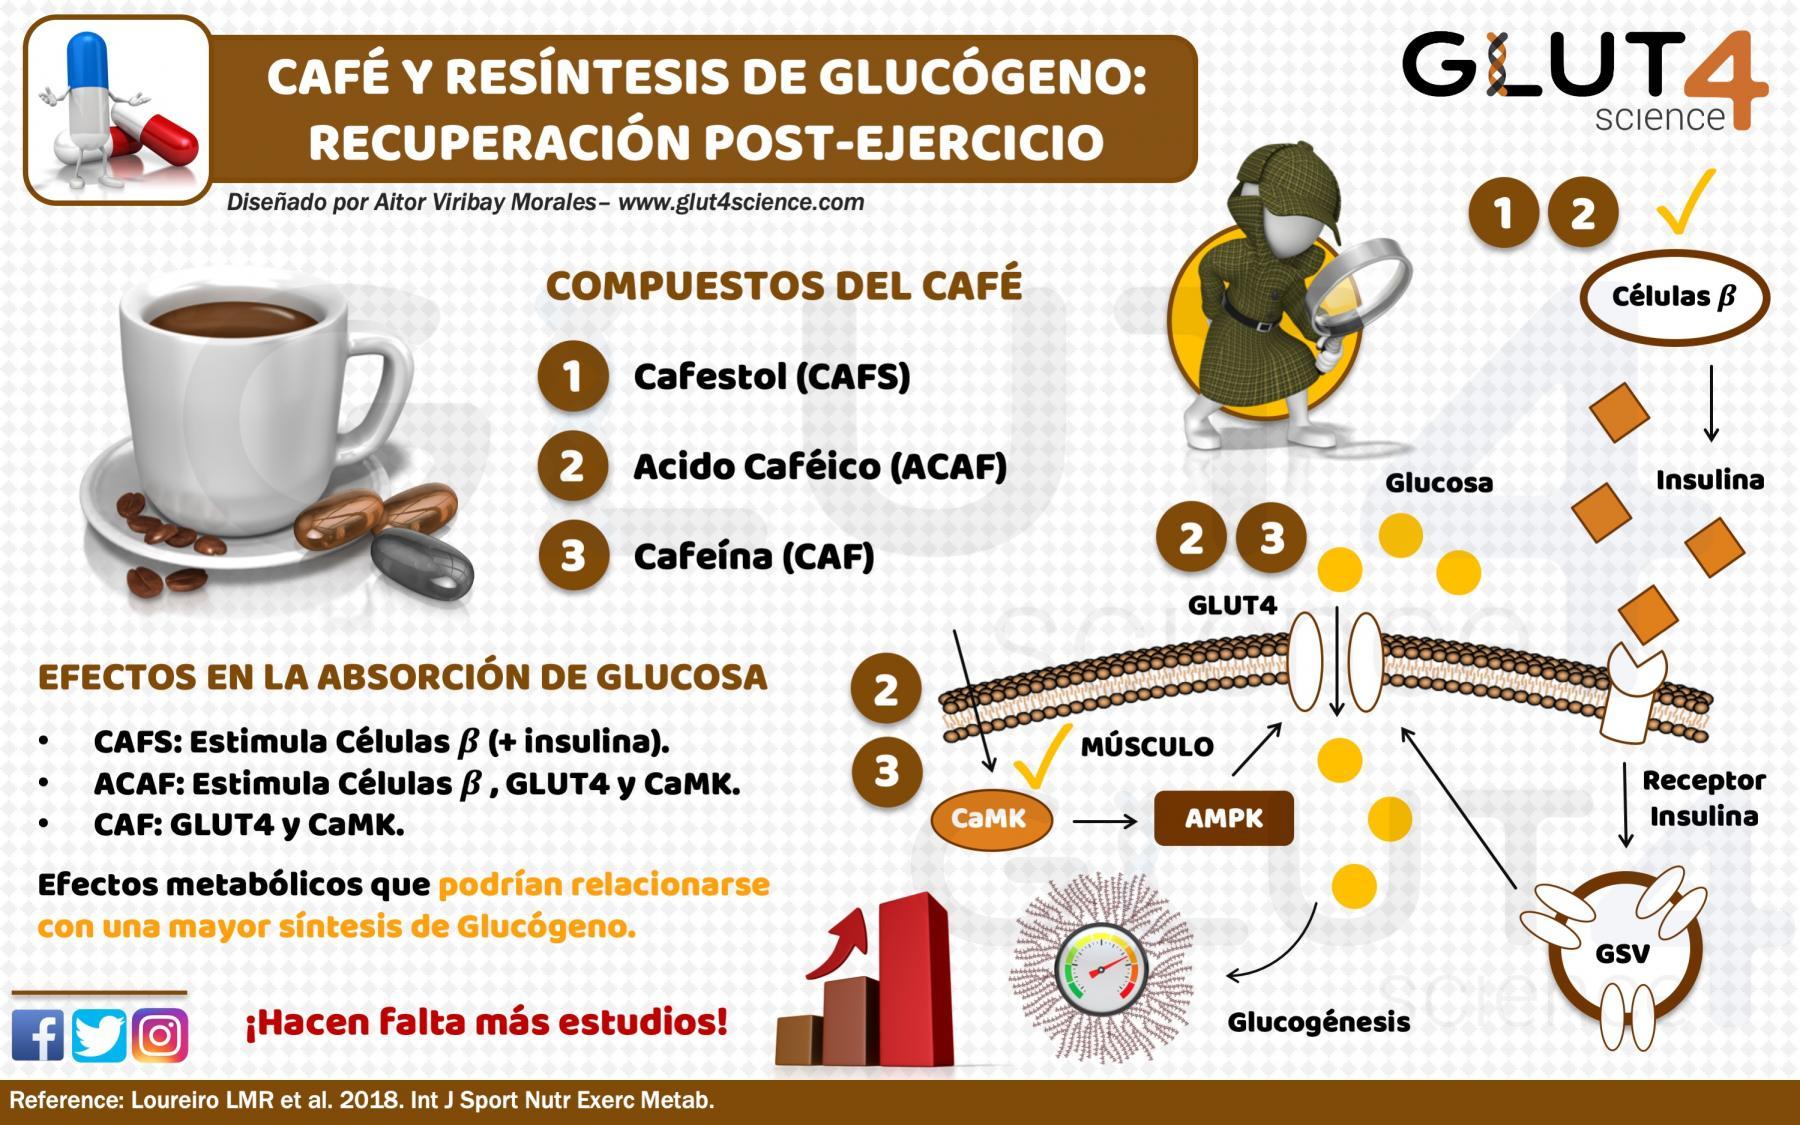 Café y Resíntesis de Glucógeno